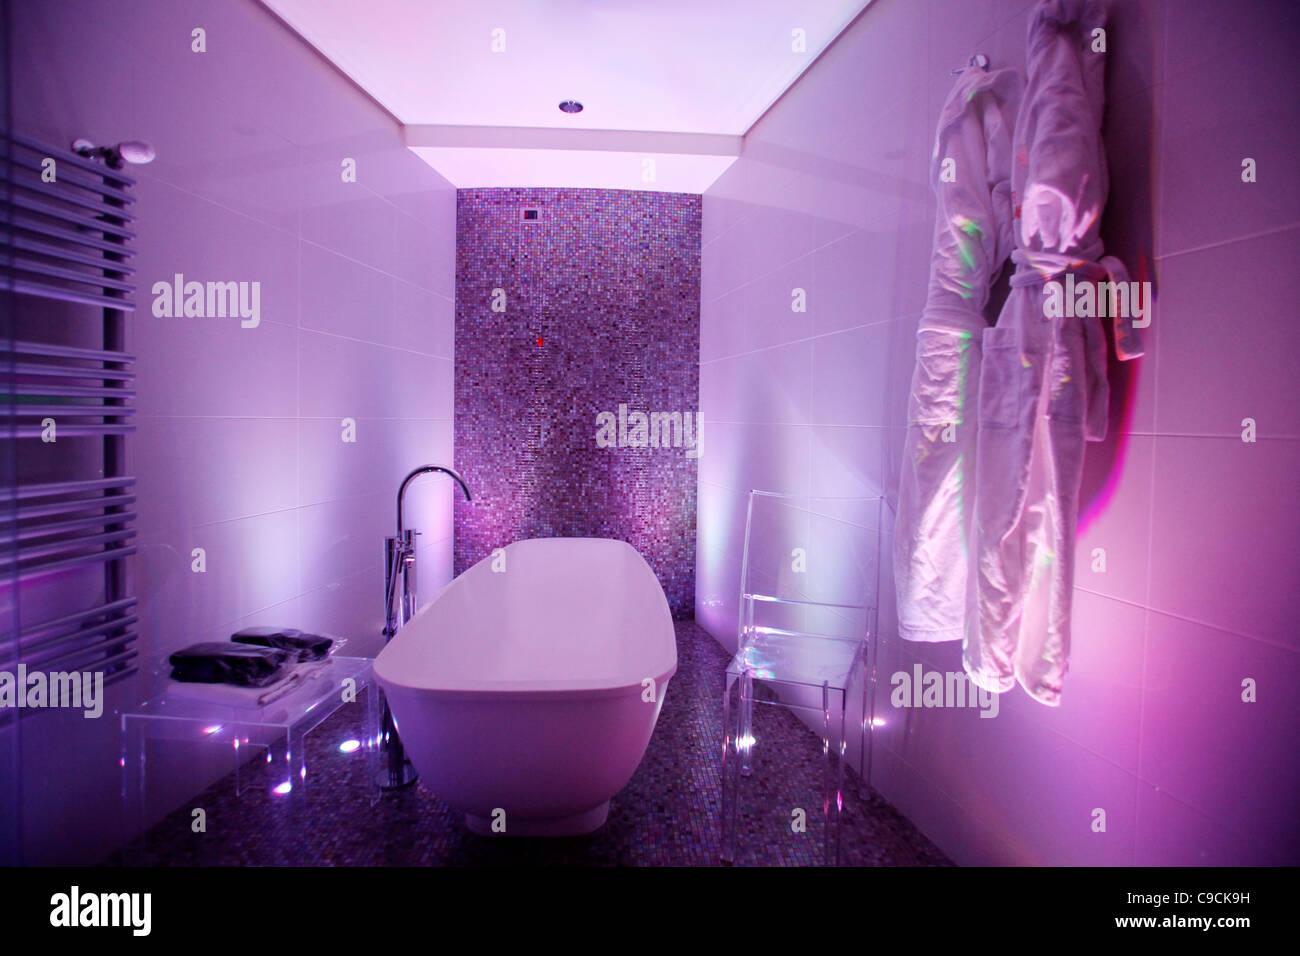 Bagno al t hotel design cagliari sardegna italia foto